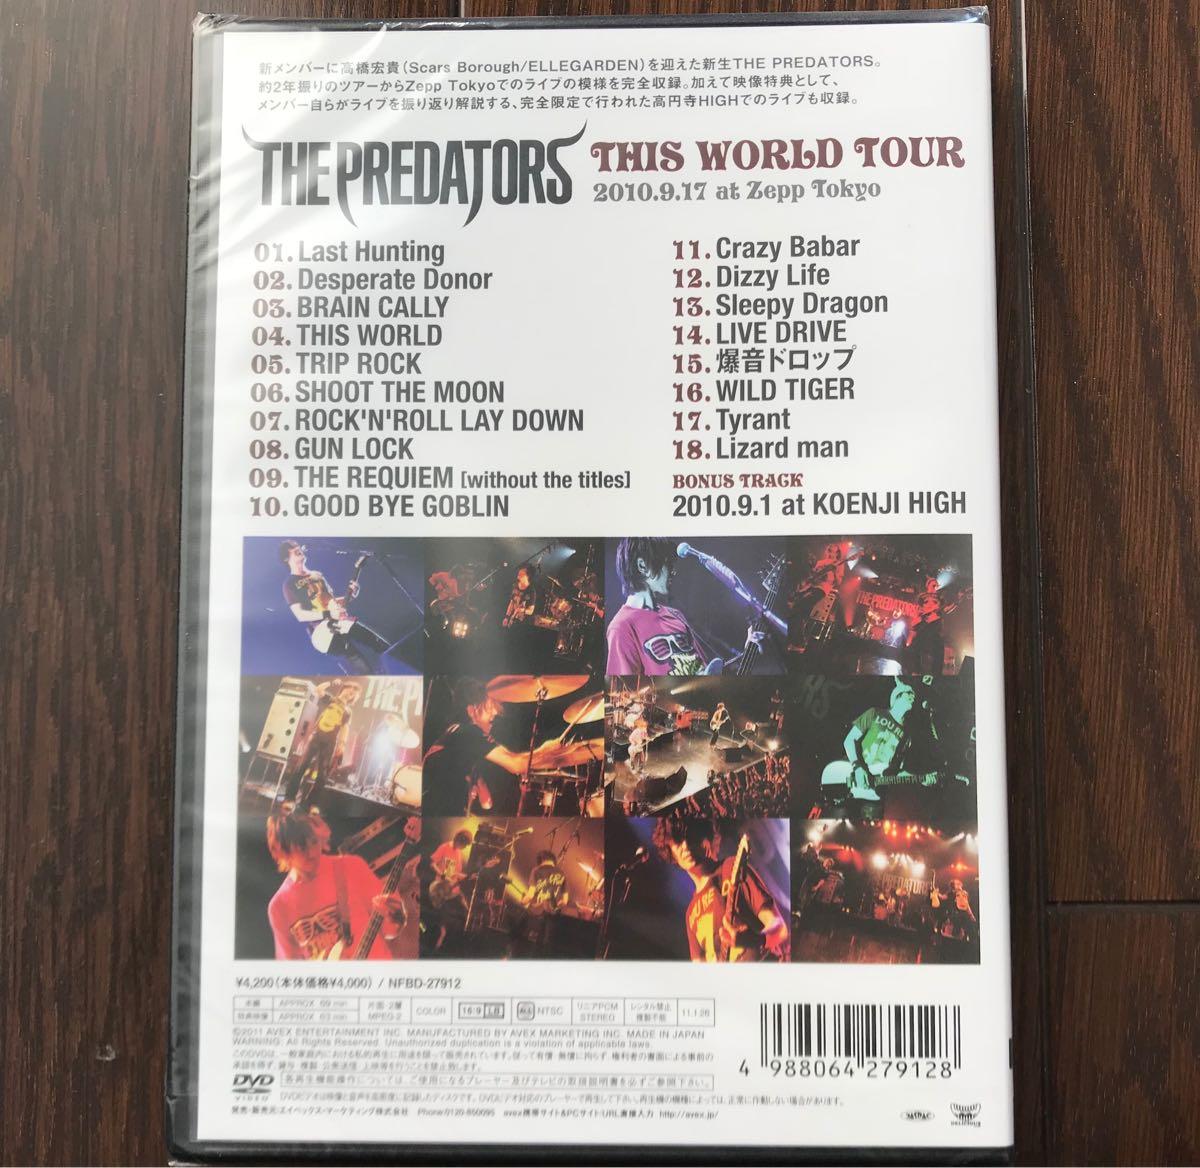 送料無料 新品即決 THE PREDATORS THIS WORLD TOUR 2010.9.17 at Zepp Tokyo DVD 国内正規品 the pillows 山中さわむ GLAY JIRO 高橋宏貴_画像2